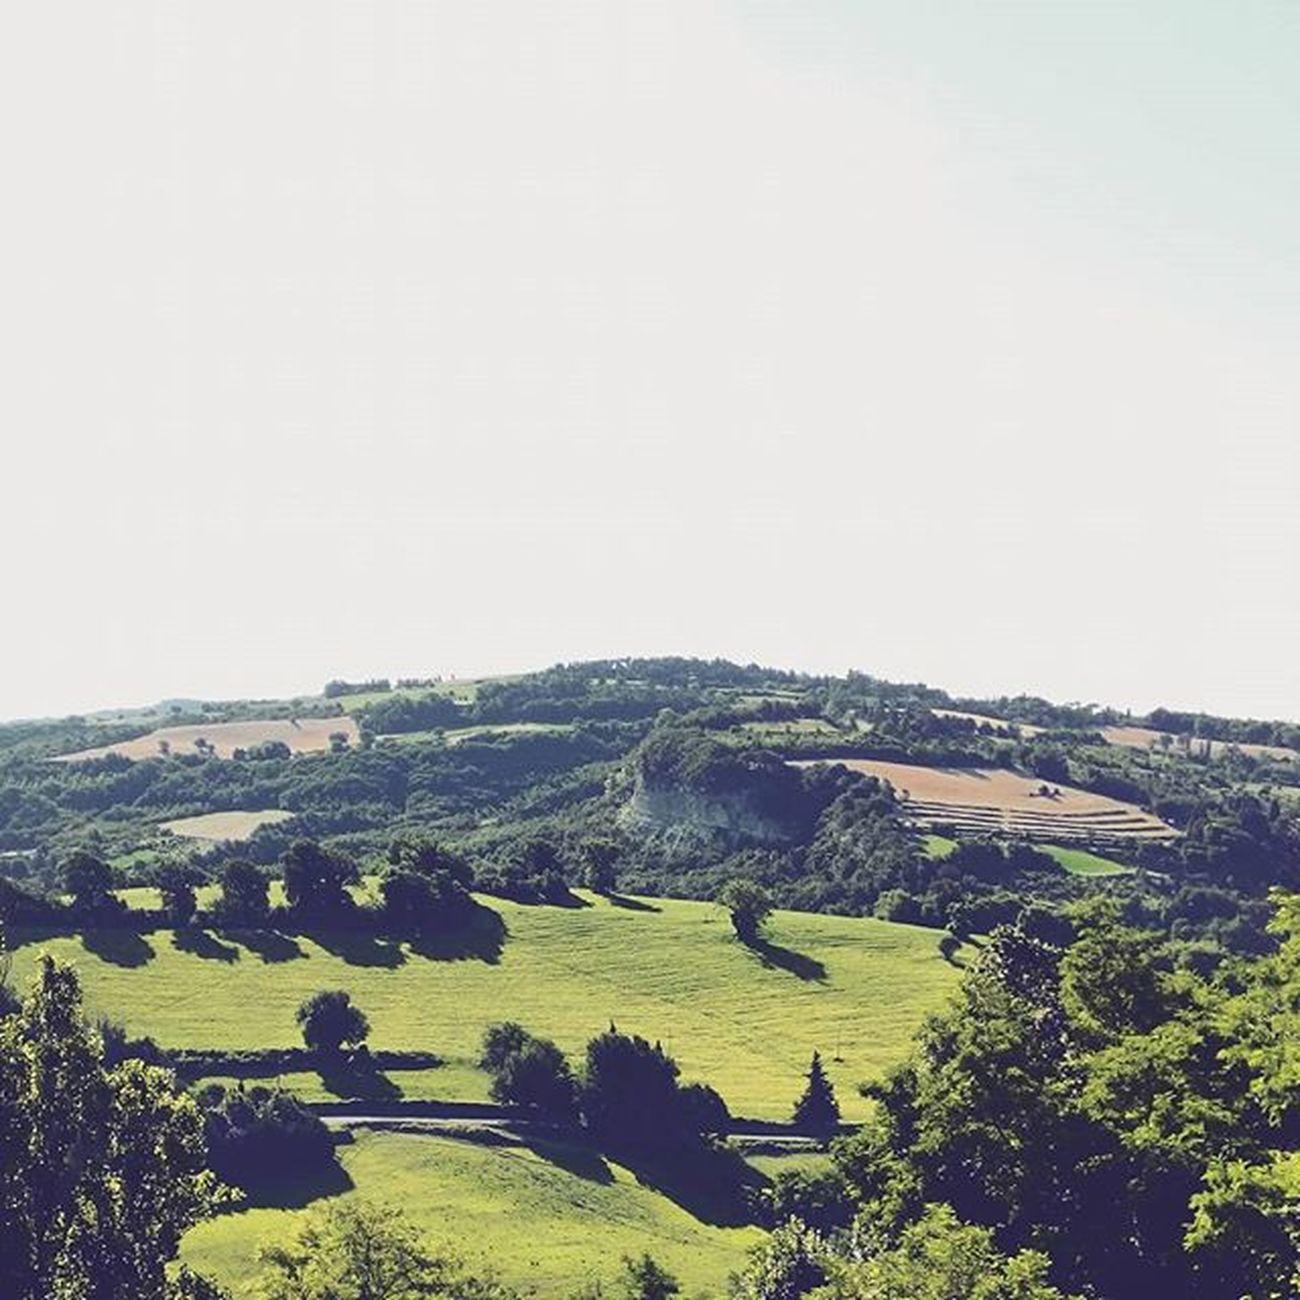 Cara Urbino, non vedrò più le tue colline ad ogni risveglio. . Urbino Montefeltro Marche Marcheforyou Collinemarchigiane Paesaggio Whatitalyis Italy Nature Landscape Sky Trees